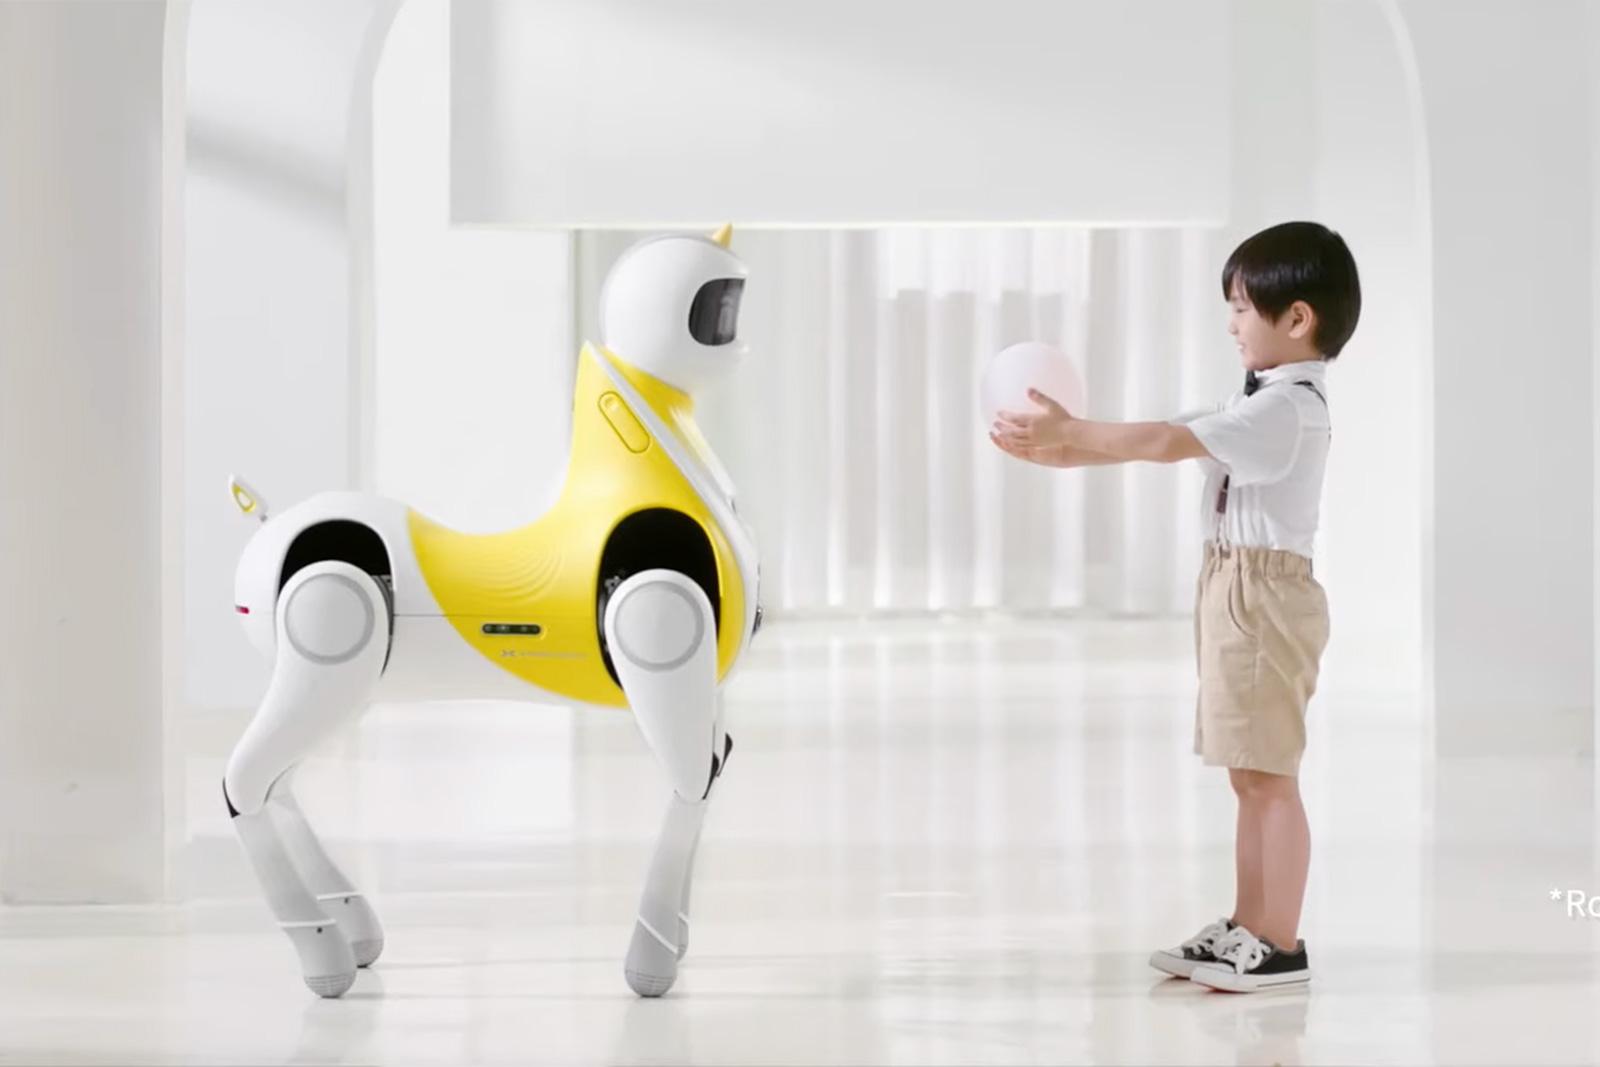 Çinli bir EV girişimi, çocuklar için sürülebilir bir robot tek boynuzlu at yapmak istiyor | Engadget